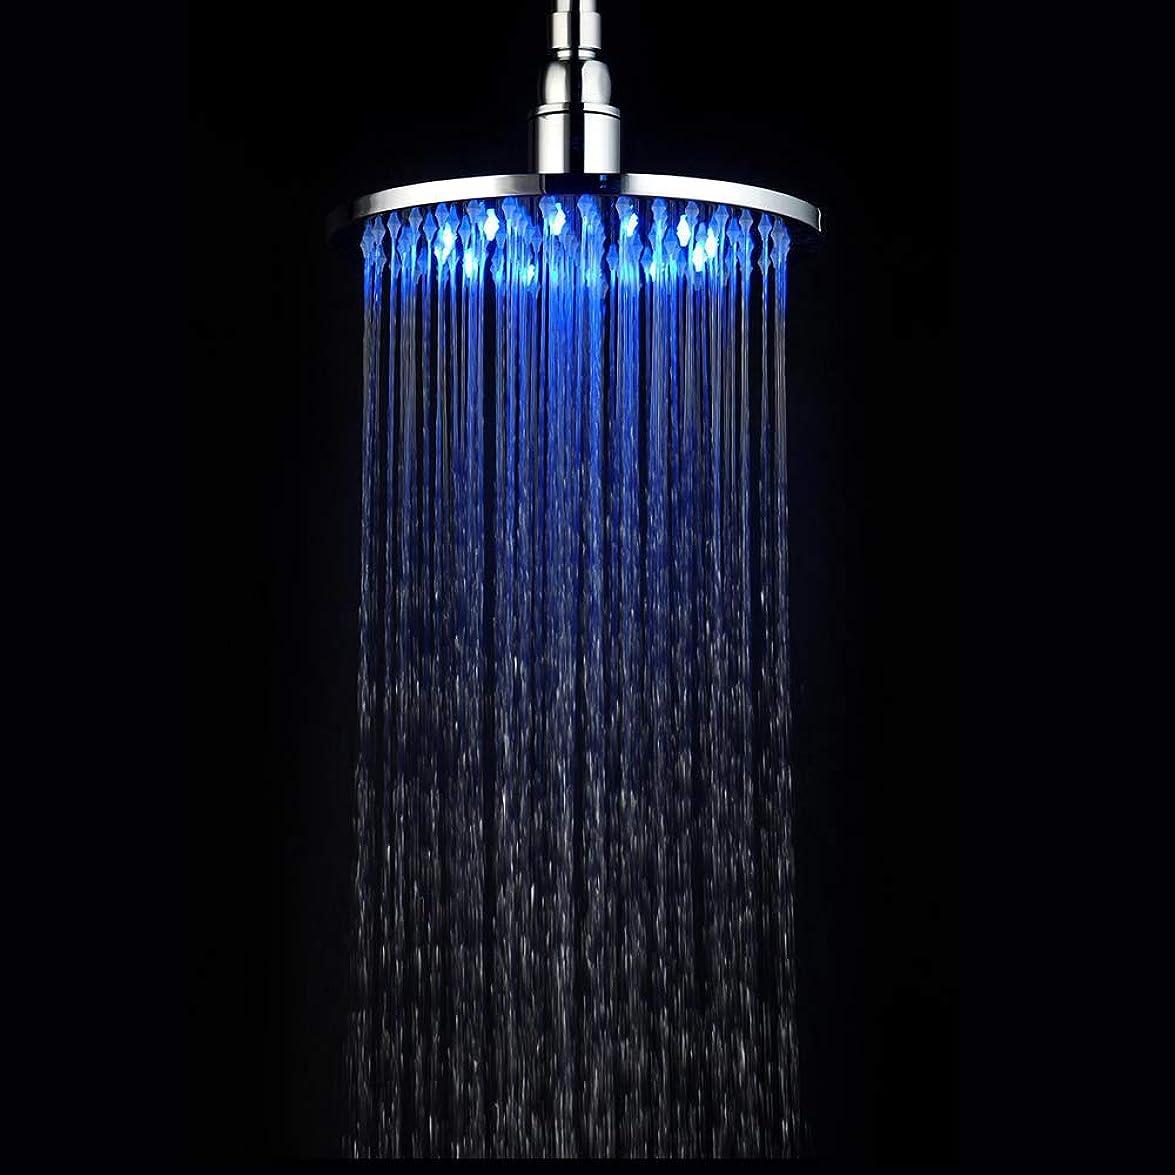 プロット文献唯一8インチのLEDレインシャワーヘッド、バスルームラウンドトップスプレー、シリコンノズルを備えた大型ステンレス鋼のシャワーヘッド超薄型降雨風呂シャワー